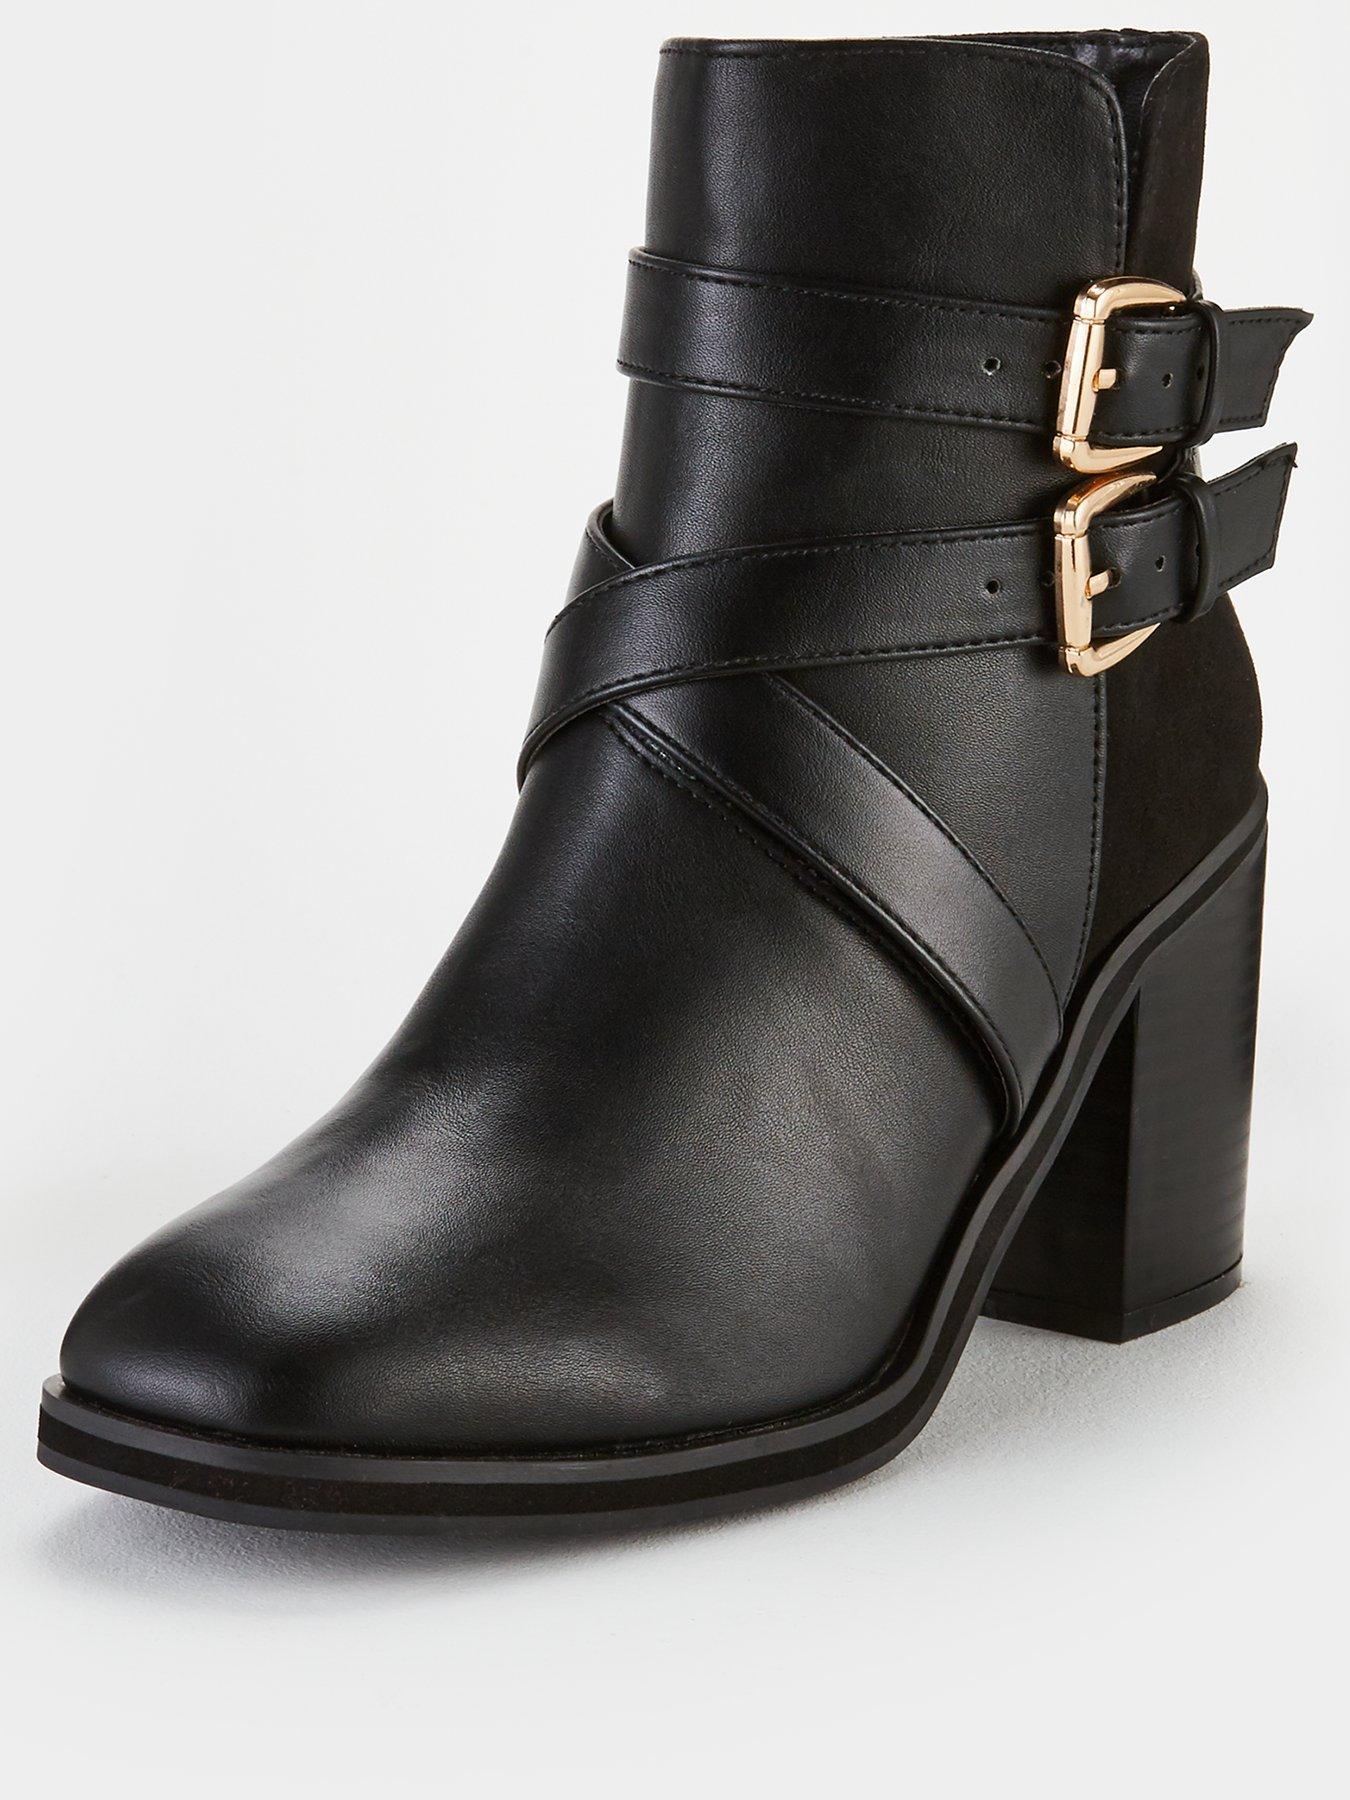 Wide | Shoes \u0026 boots | Women | www.very